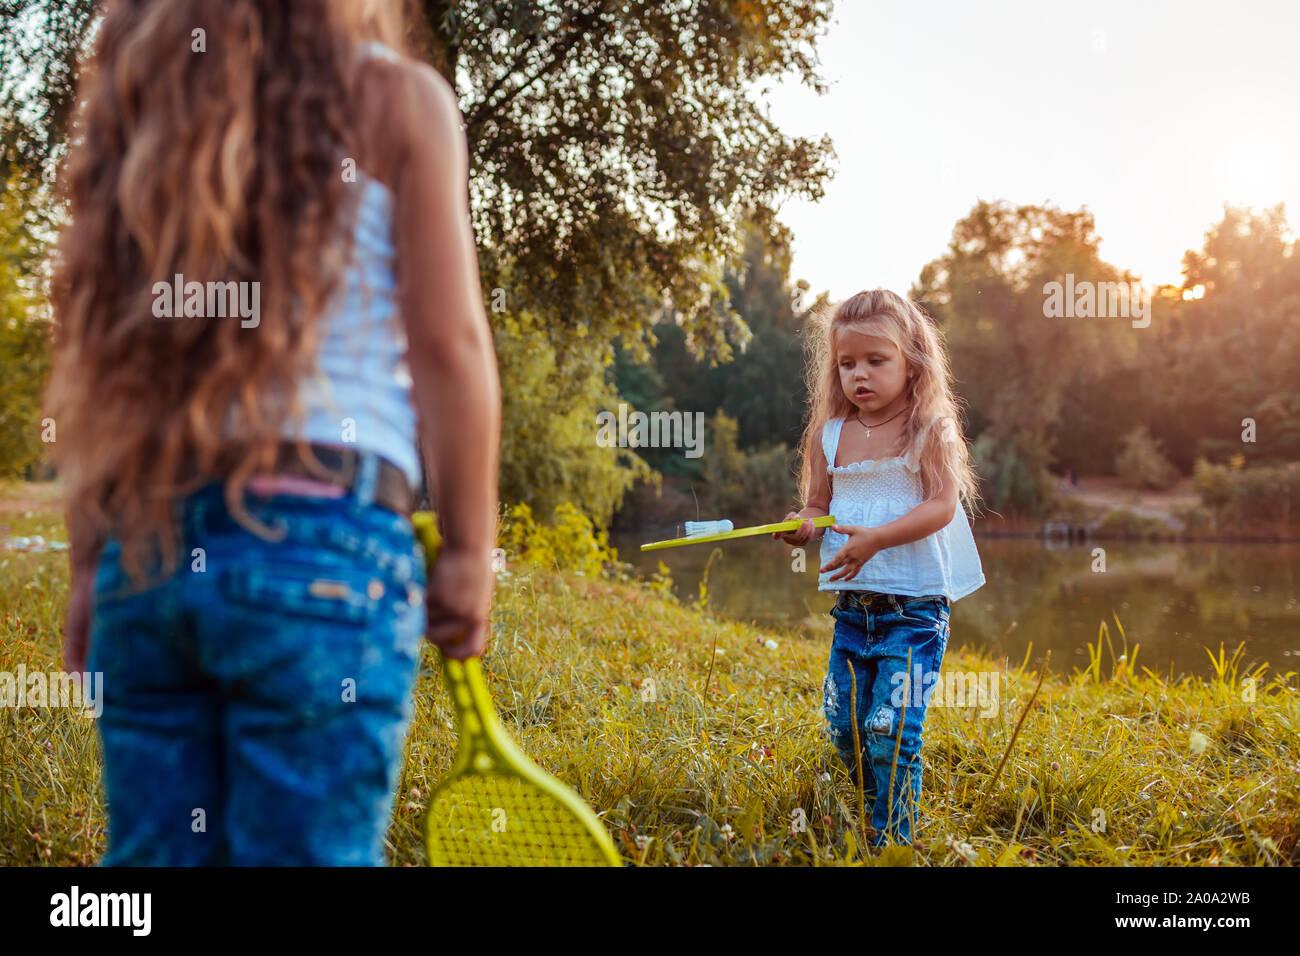 Le Badminton. Petite fille à jouer au badminton avec sœur en parc d'été. Les enfants s'amuser en plein air. Jeux de plein air pour les enfants Banque D'Images